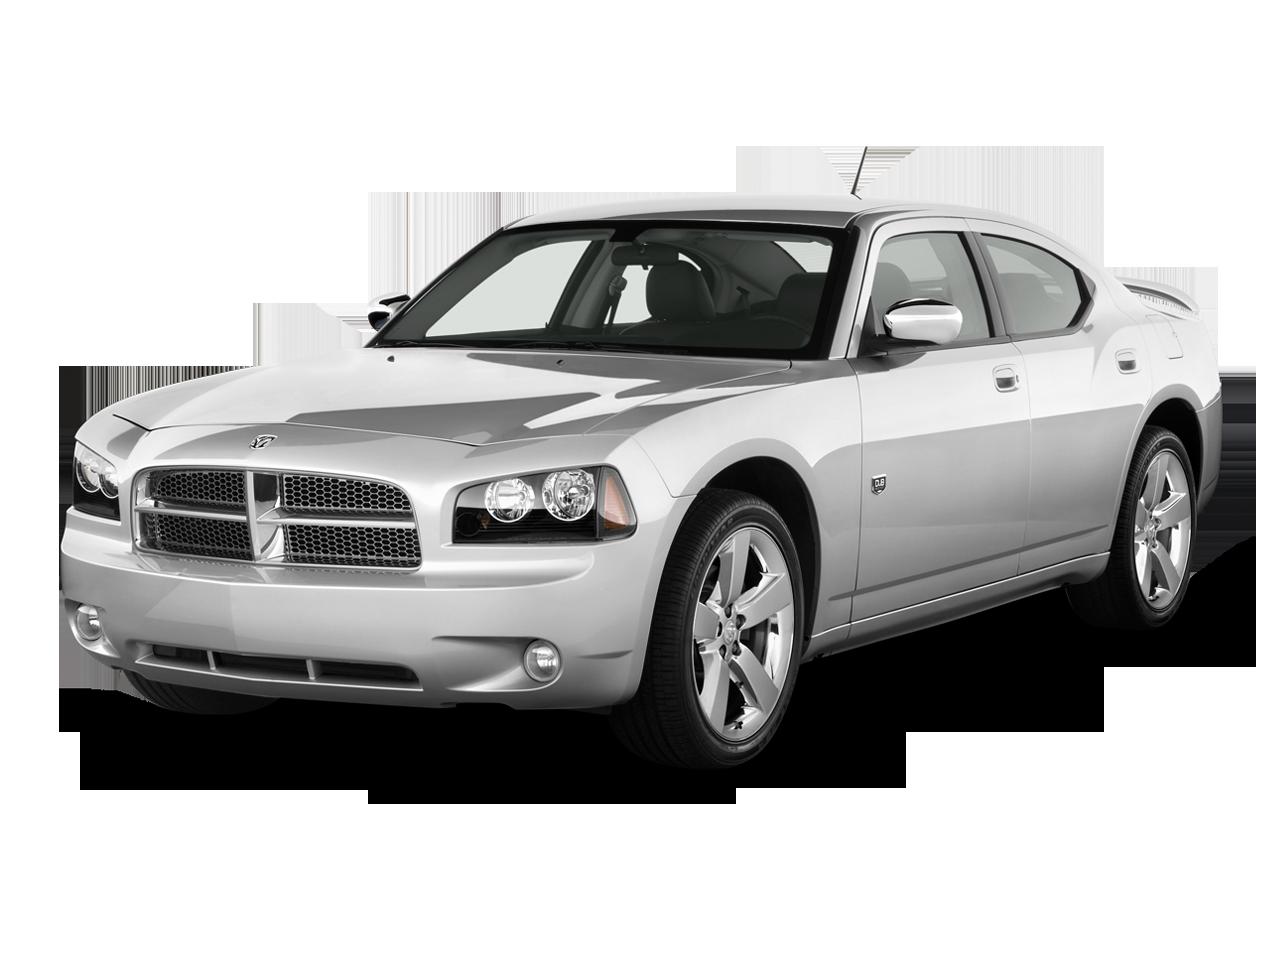 2009 Dodge Charger SRT8 - Dodge Sport Coupe Review - Automobile Magazine